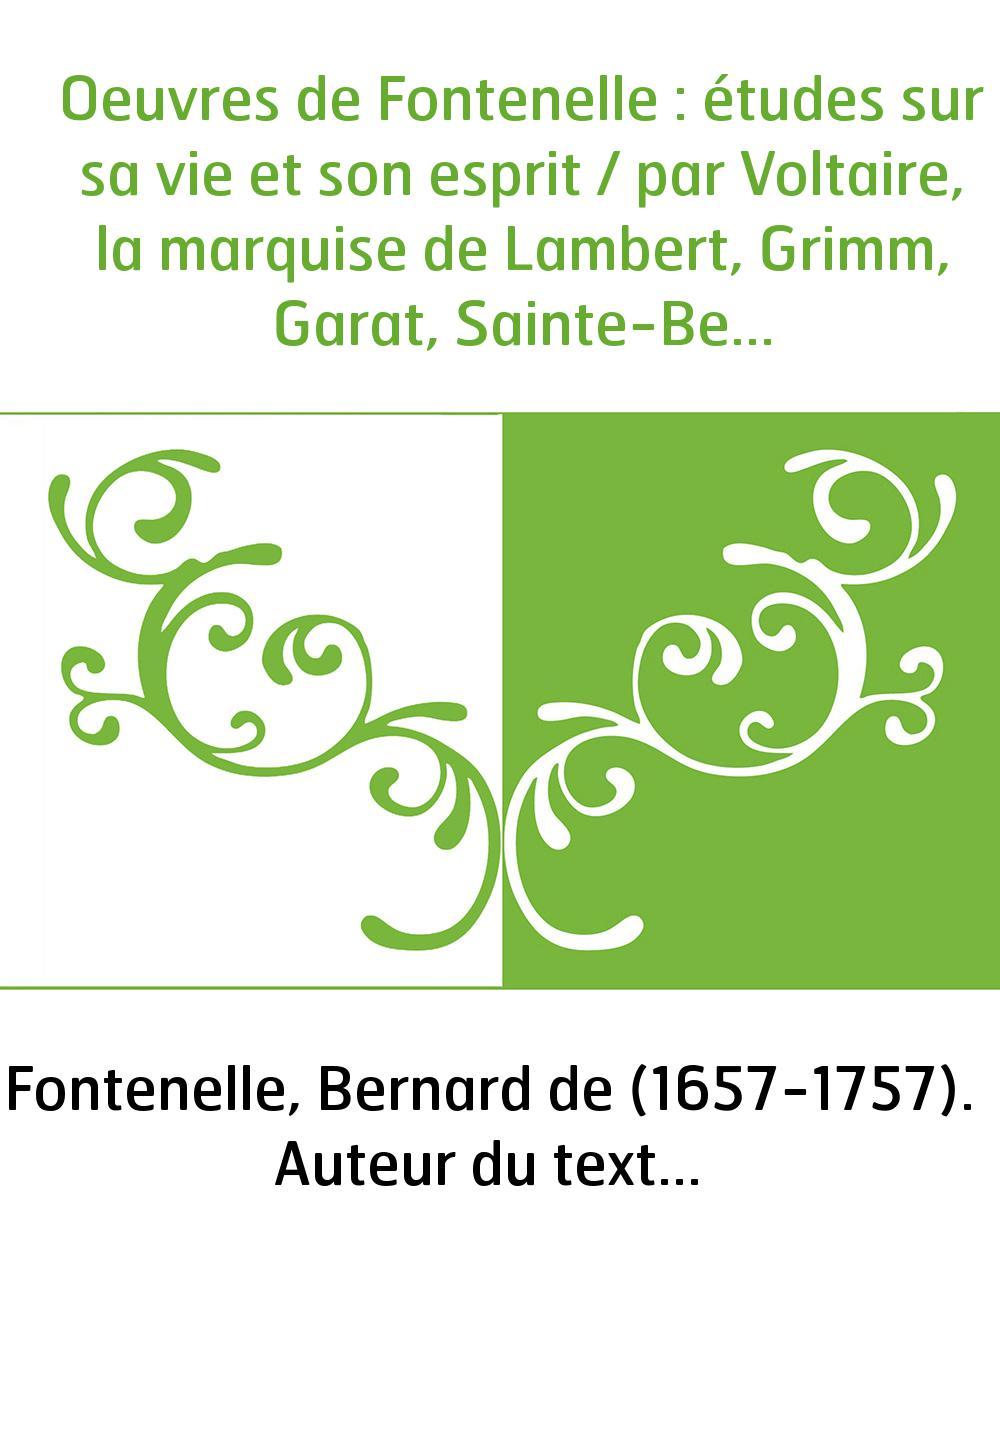 Oeuvres de Fontenelle : études sur sa vie et son esprit / par Voltaire, la marquise de Lambert, Grimm, Garat, Sainte-Beuve, Arsè